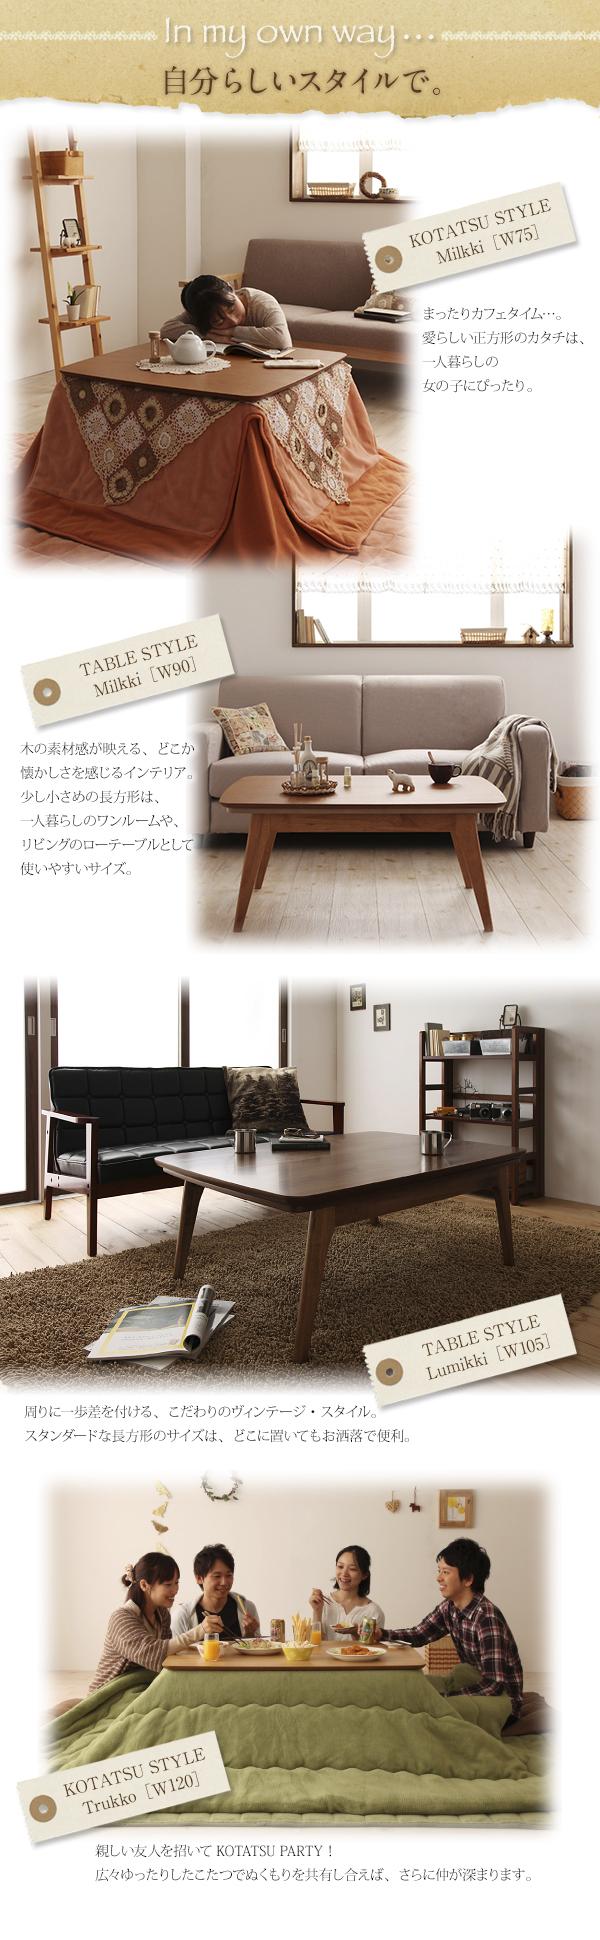 ◆KOTATSU STYLEコタツスタイル・・・Milkki【W75】 まったりカフェタイム・・・。愛らしい正方形のカタチは、一人暮らしの女の子にぴったり。